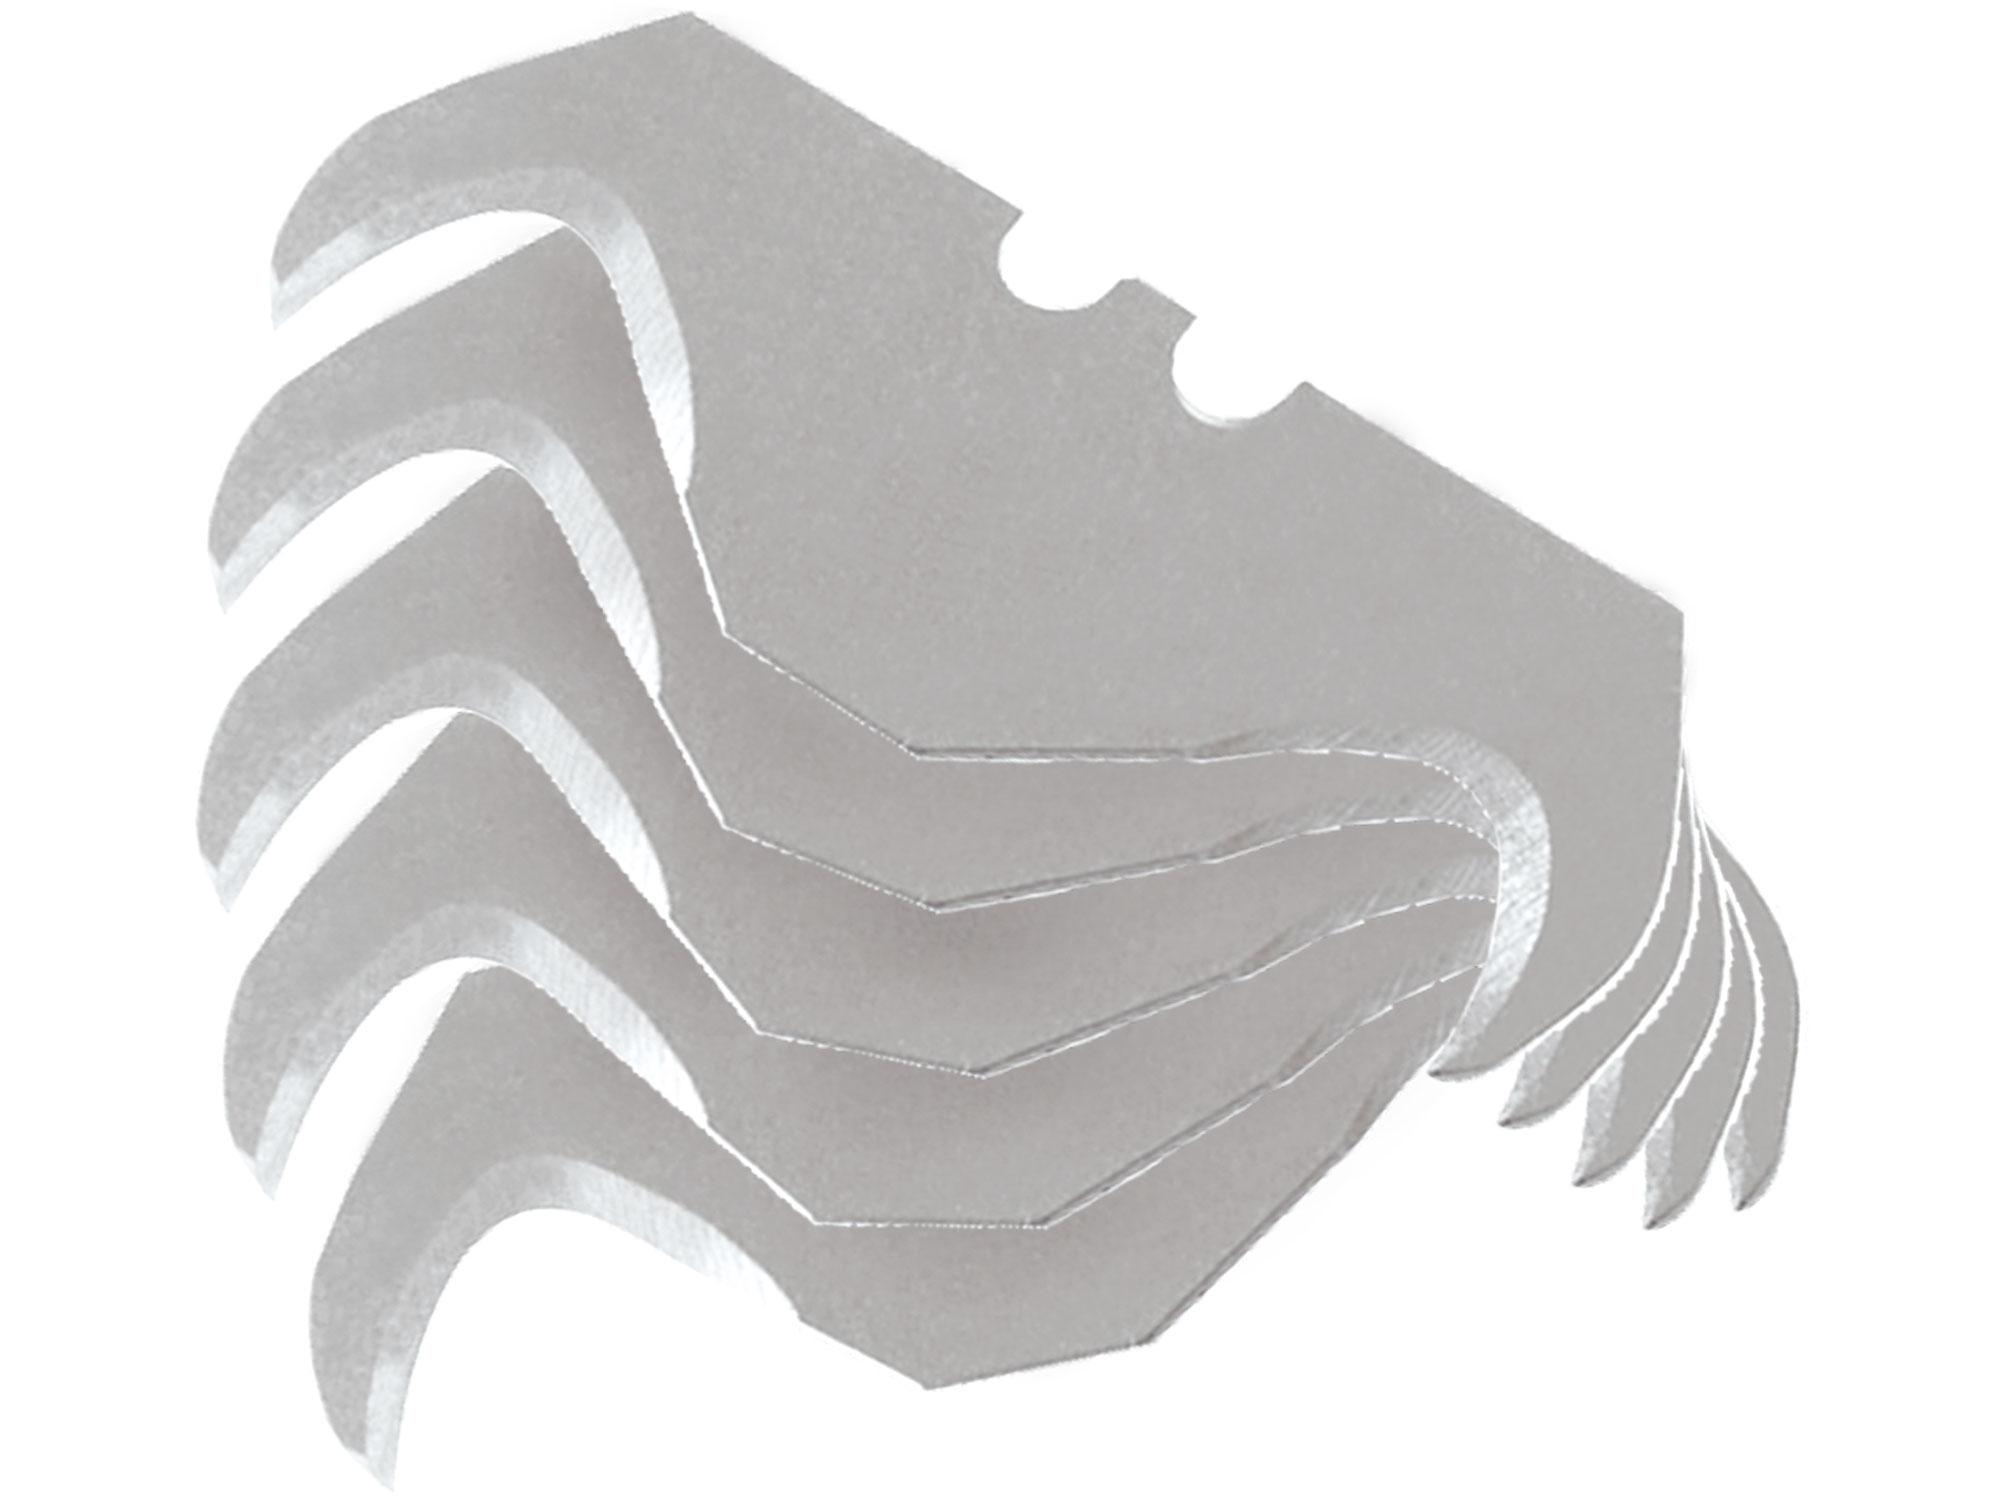 břity do nože - háček, 5ks, pro nože 745107, 8855000, 8855001, 8855002, 8855020, EXTOL CRAFT 9121